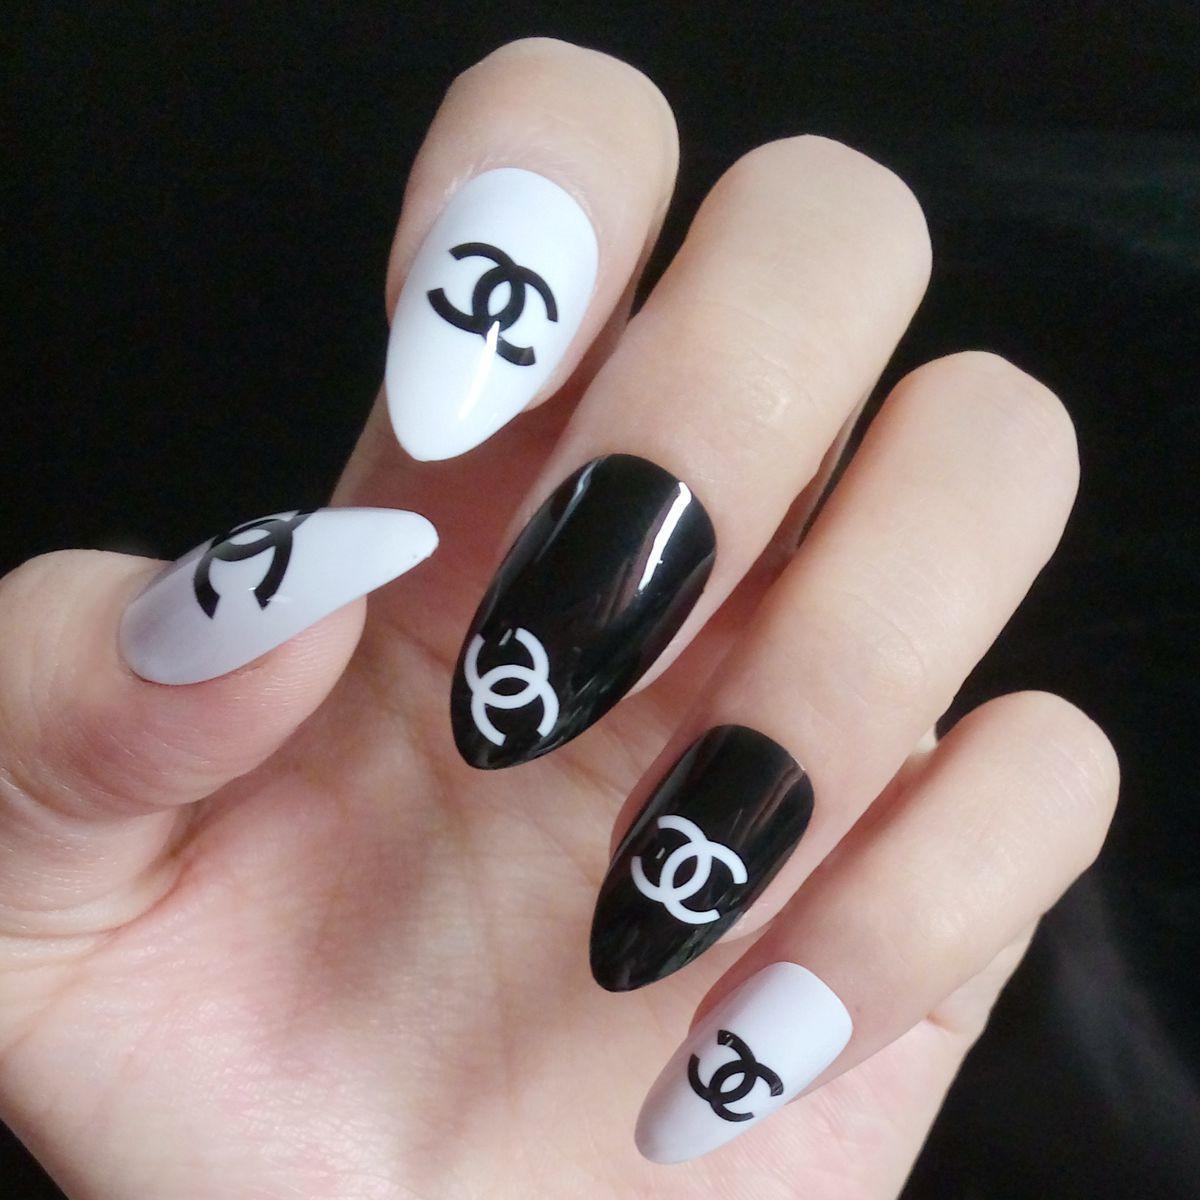 Fashion Design Fake Nail Shiny Black White False Nails Tips DIY Nail Art  Manicure Product Full Wrap Tips Z035